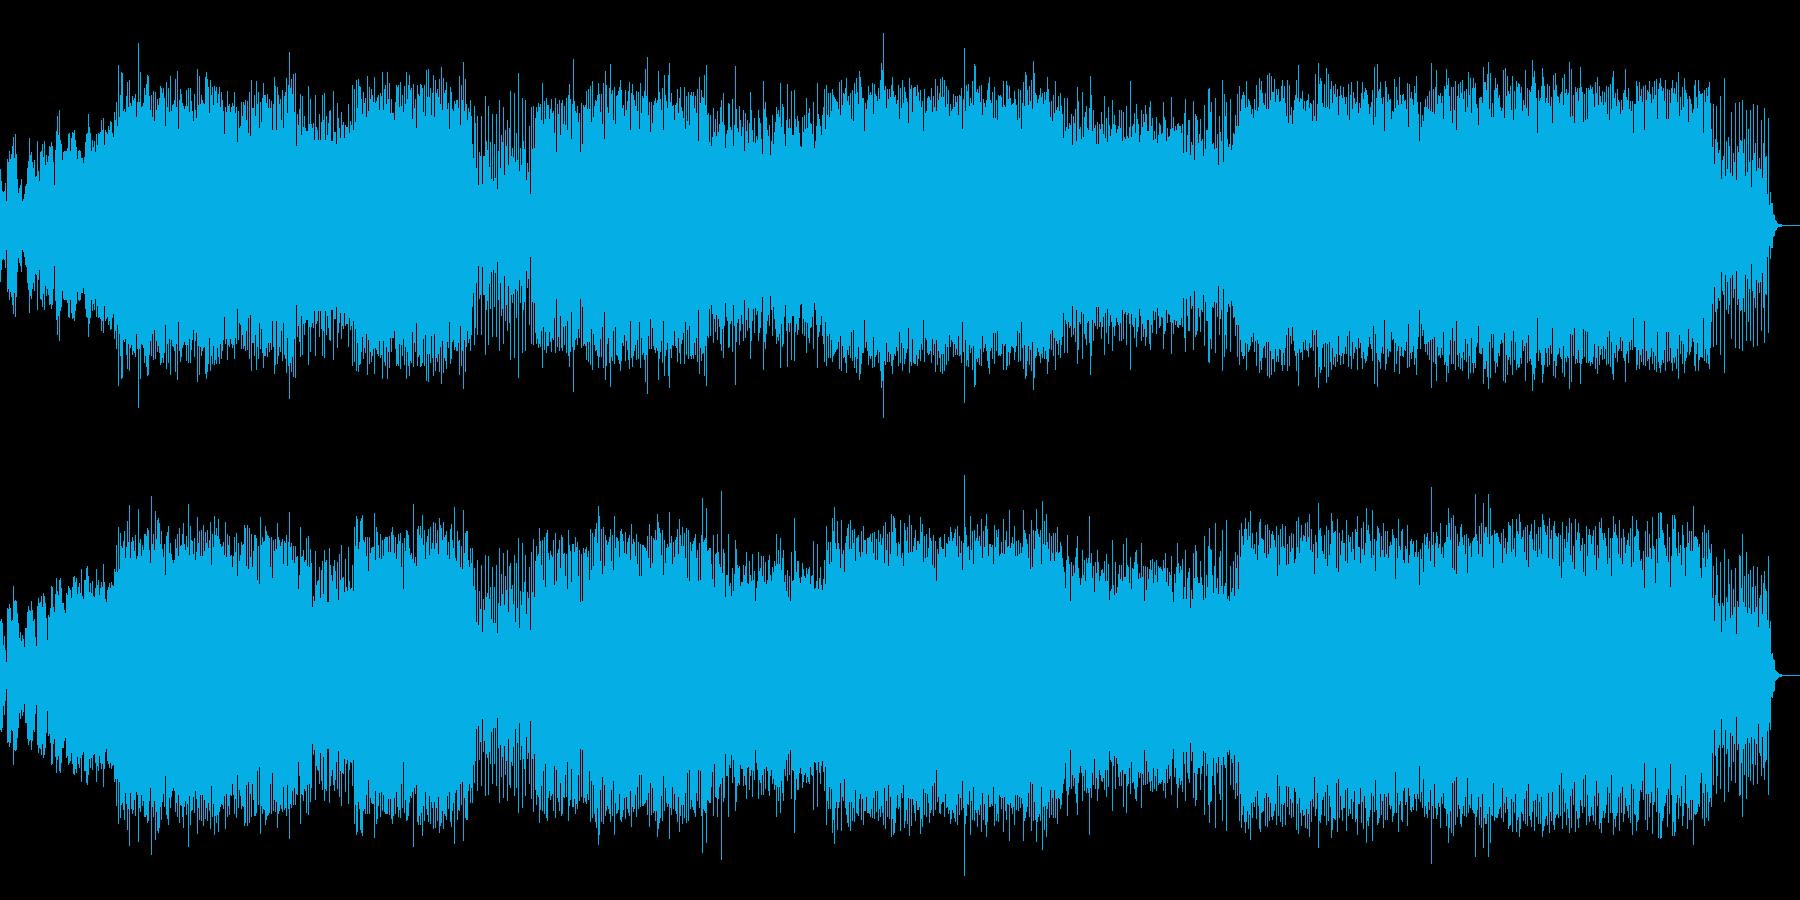 ポップで幻想的なエレクトロニカの再生済みの波形